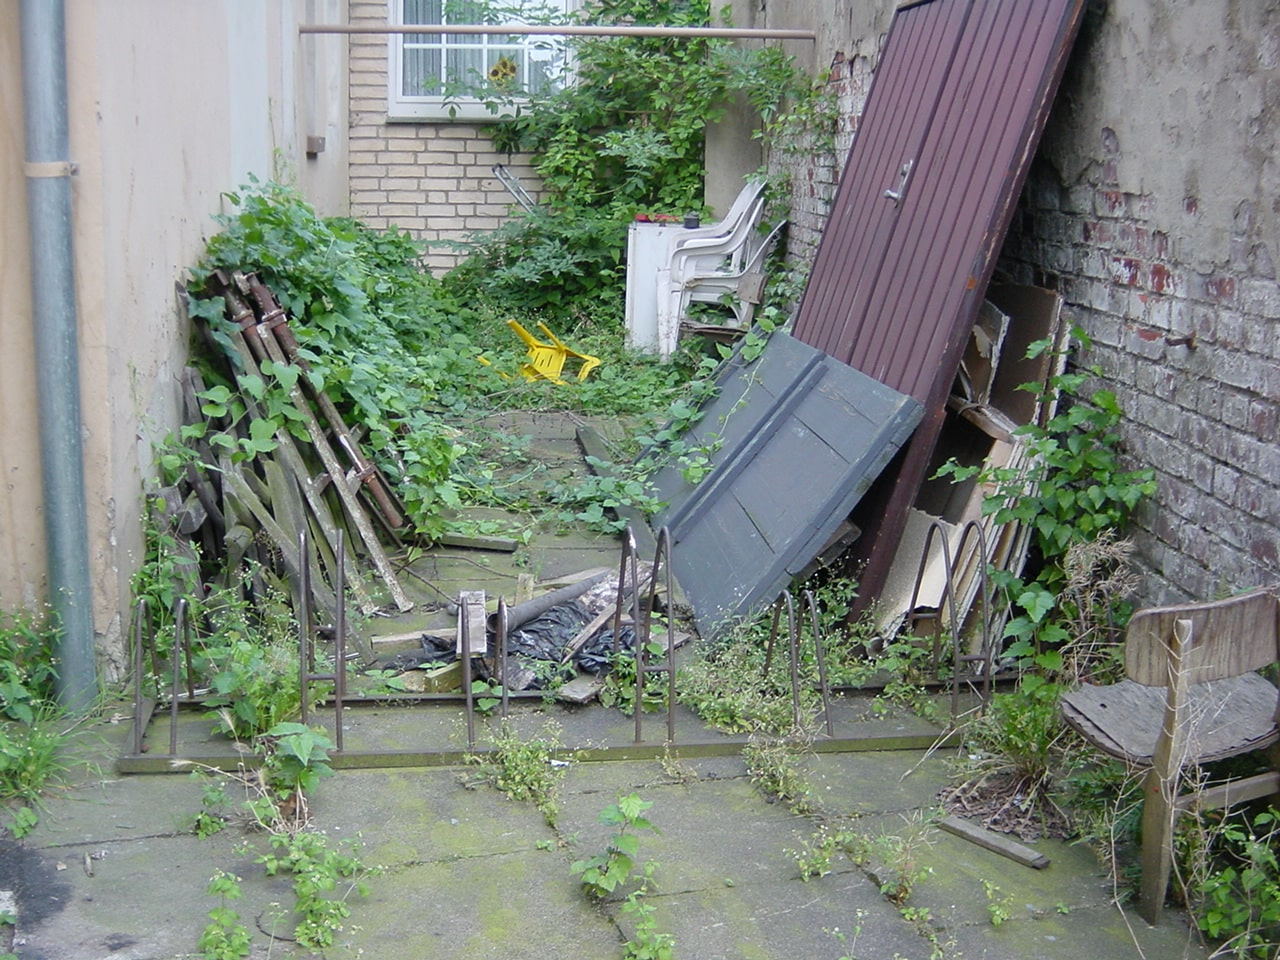 Kontrolle von Wohnanlagen in Bad Oeynhausen